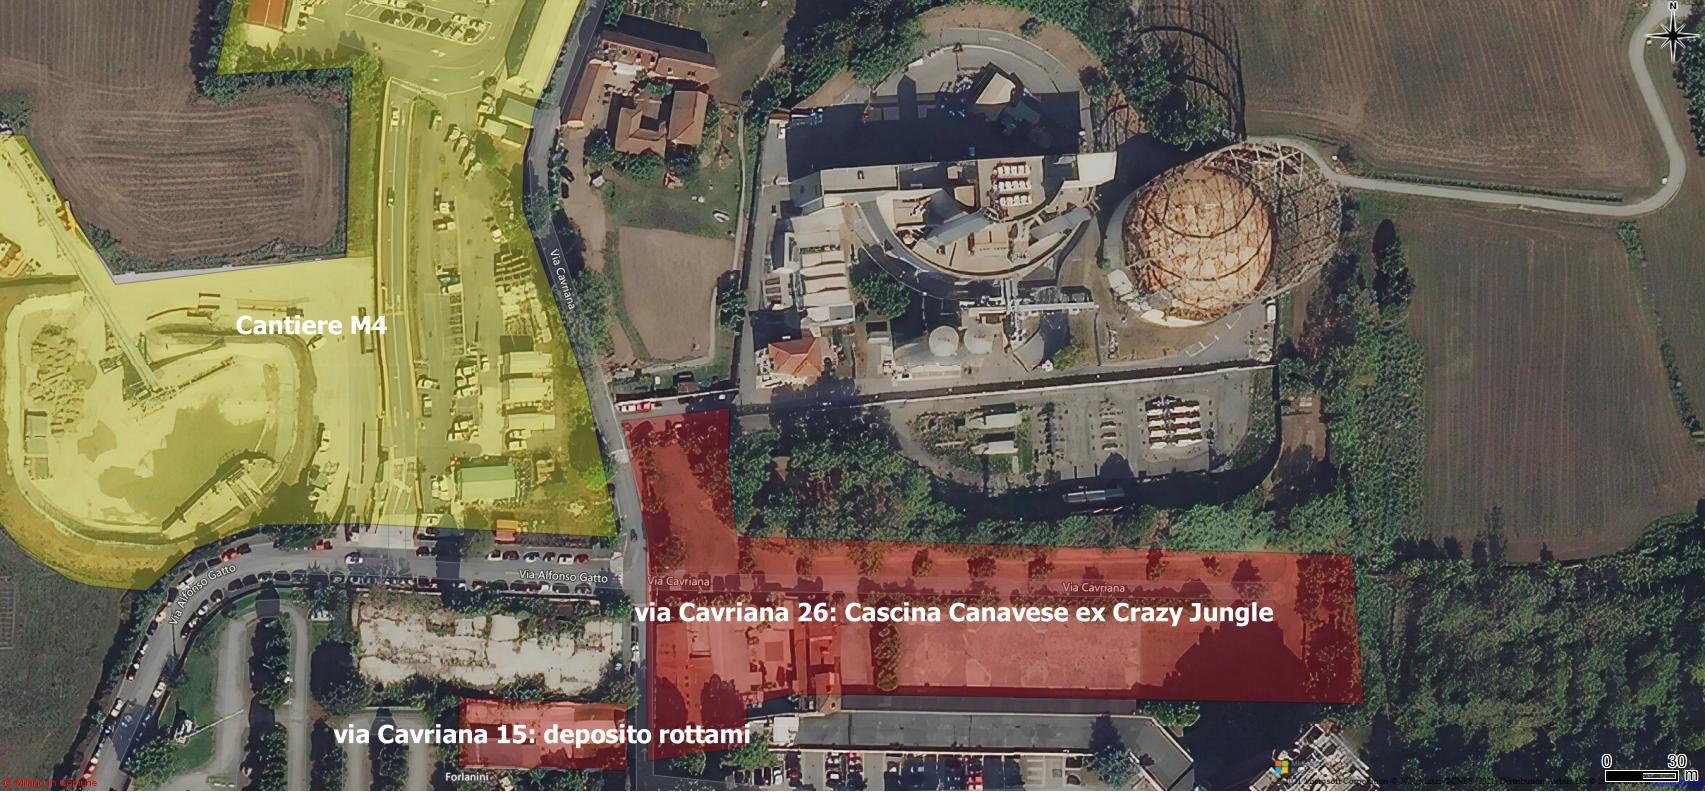 Evidenziazione delle aree citate (in rosso) realizzata con QGIS con sfondo immagine aerea Bing (GT)